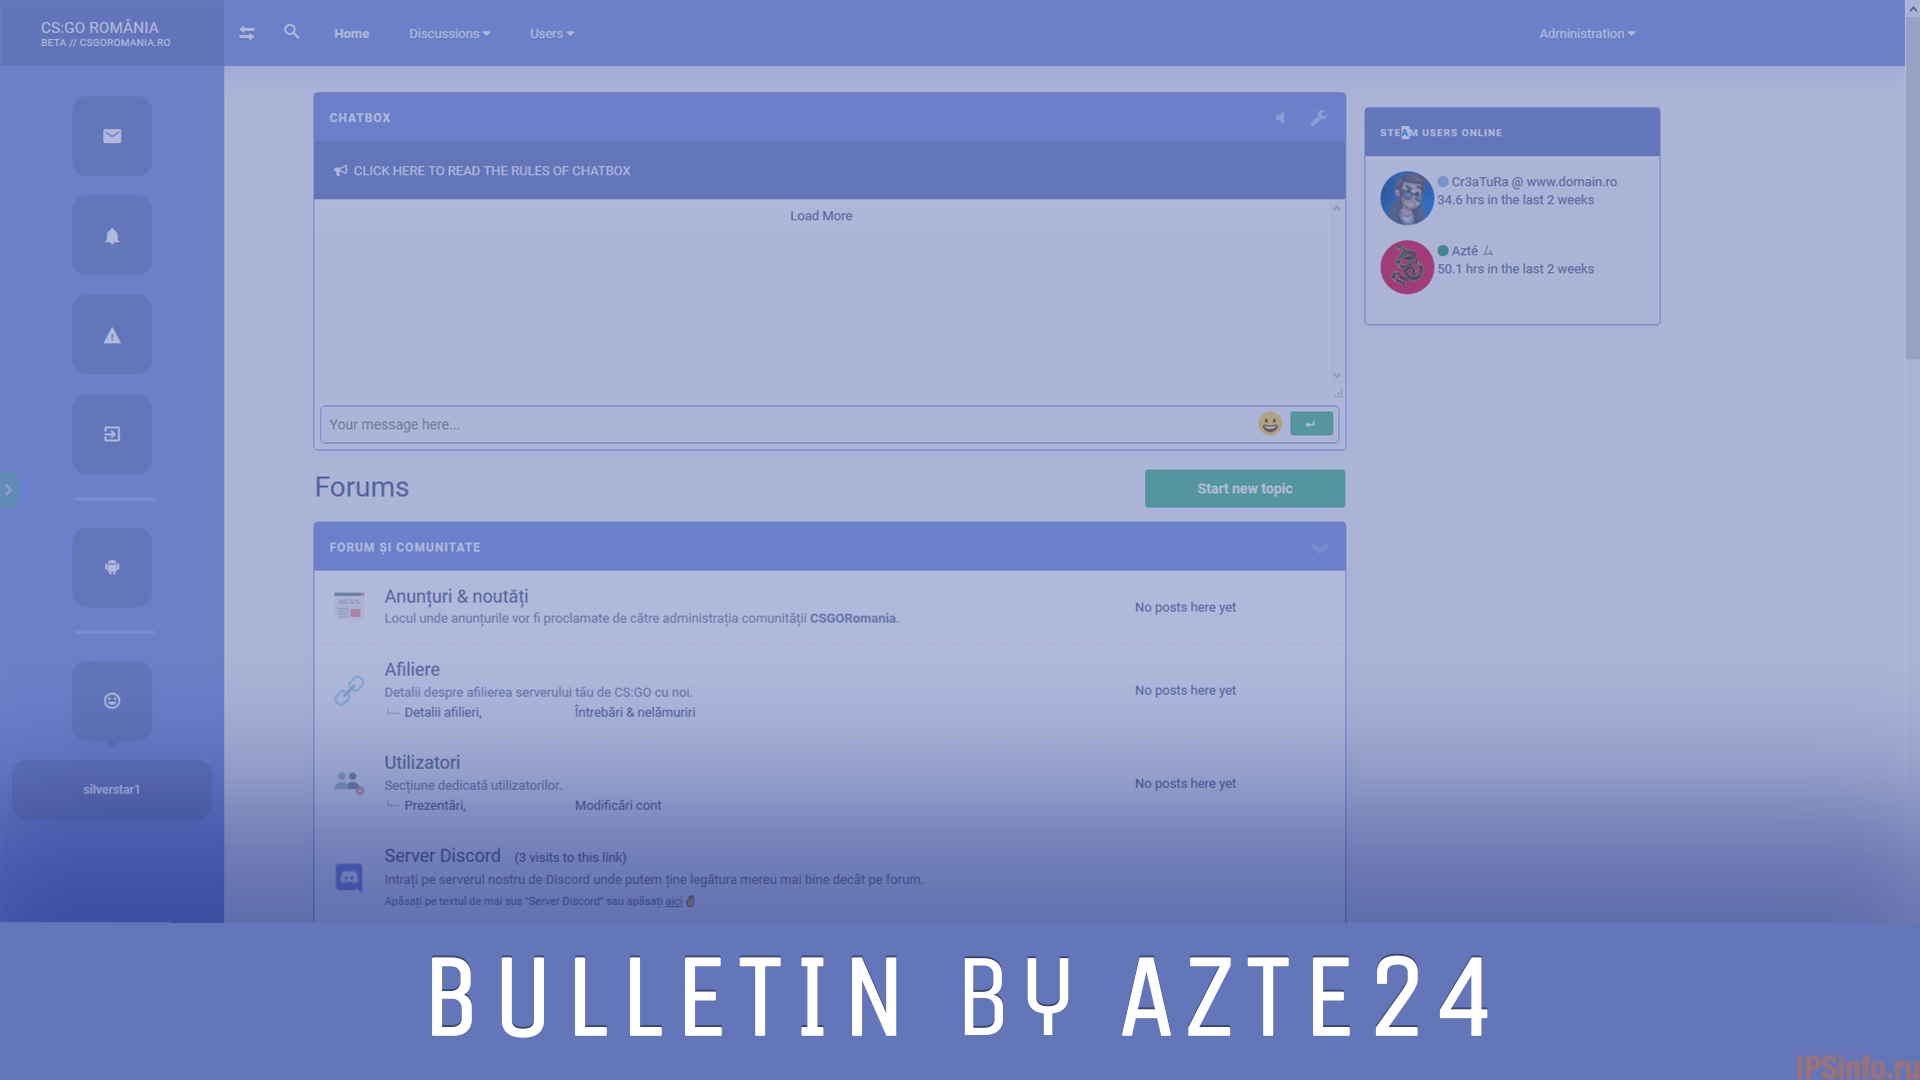 AZ24 — Bulletin